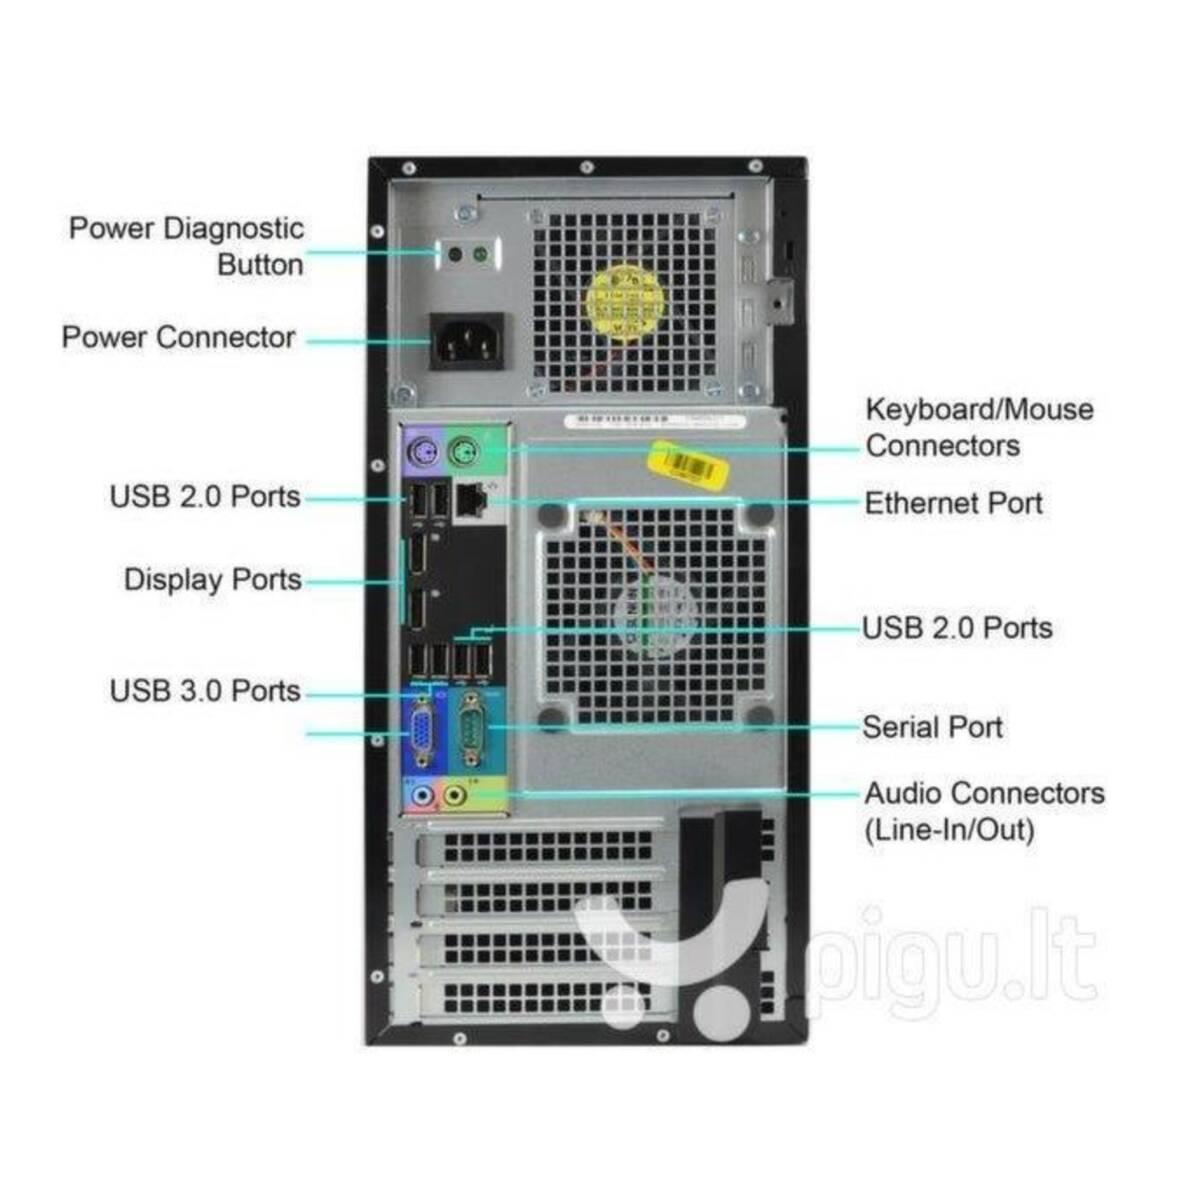 Dell Optiplex 7010 I5 3550 RAM 4GB SSD 128GB + HDD 500GB